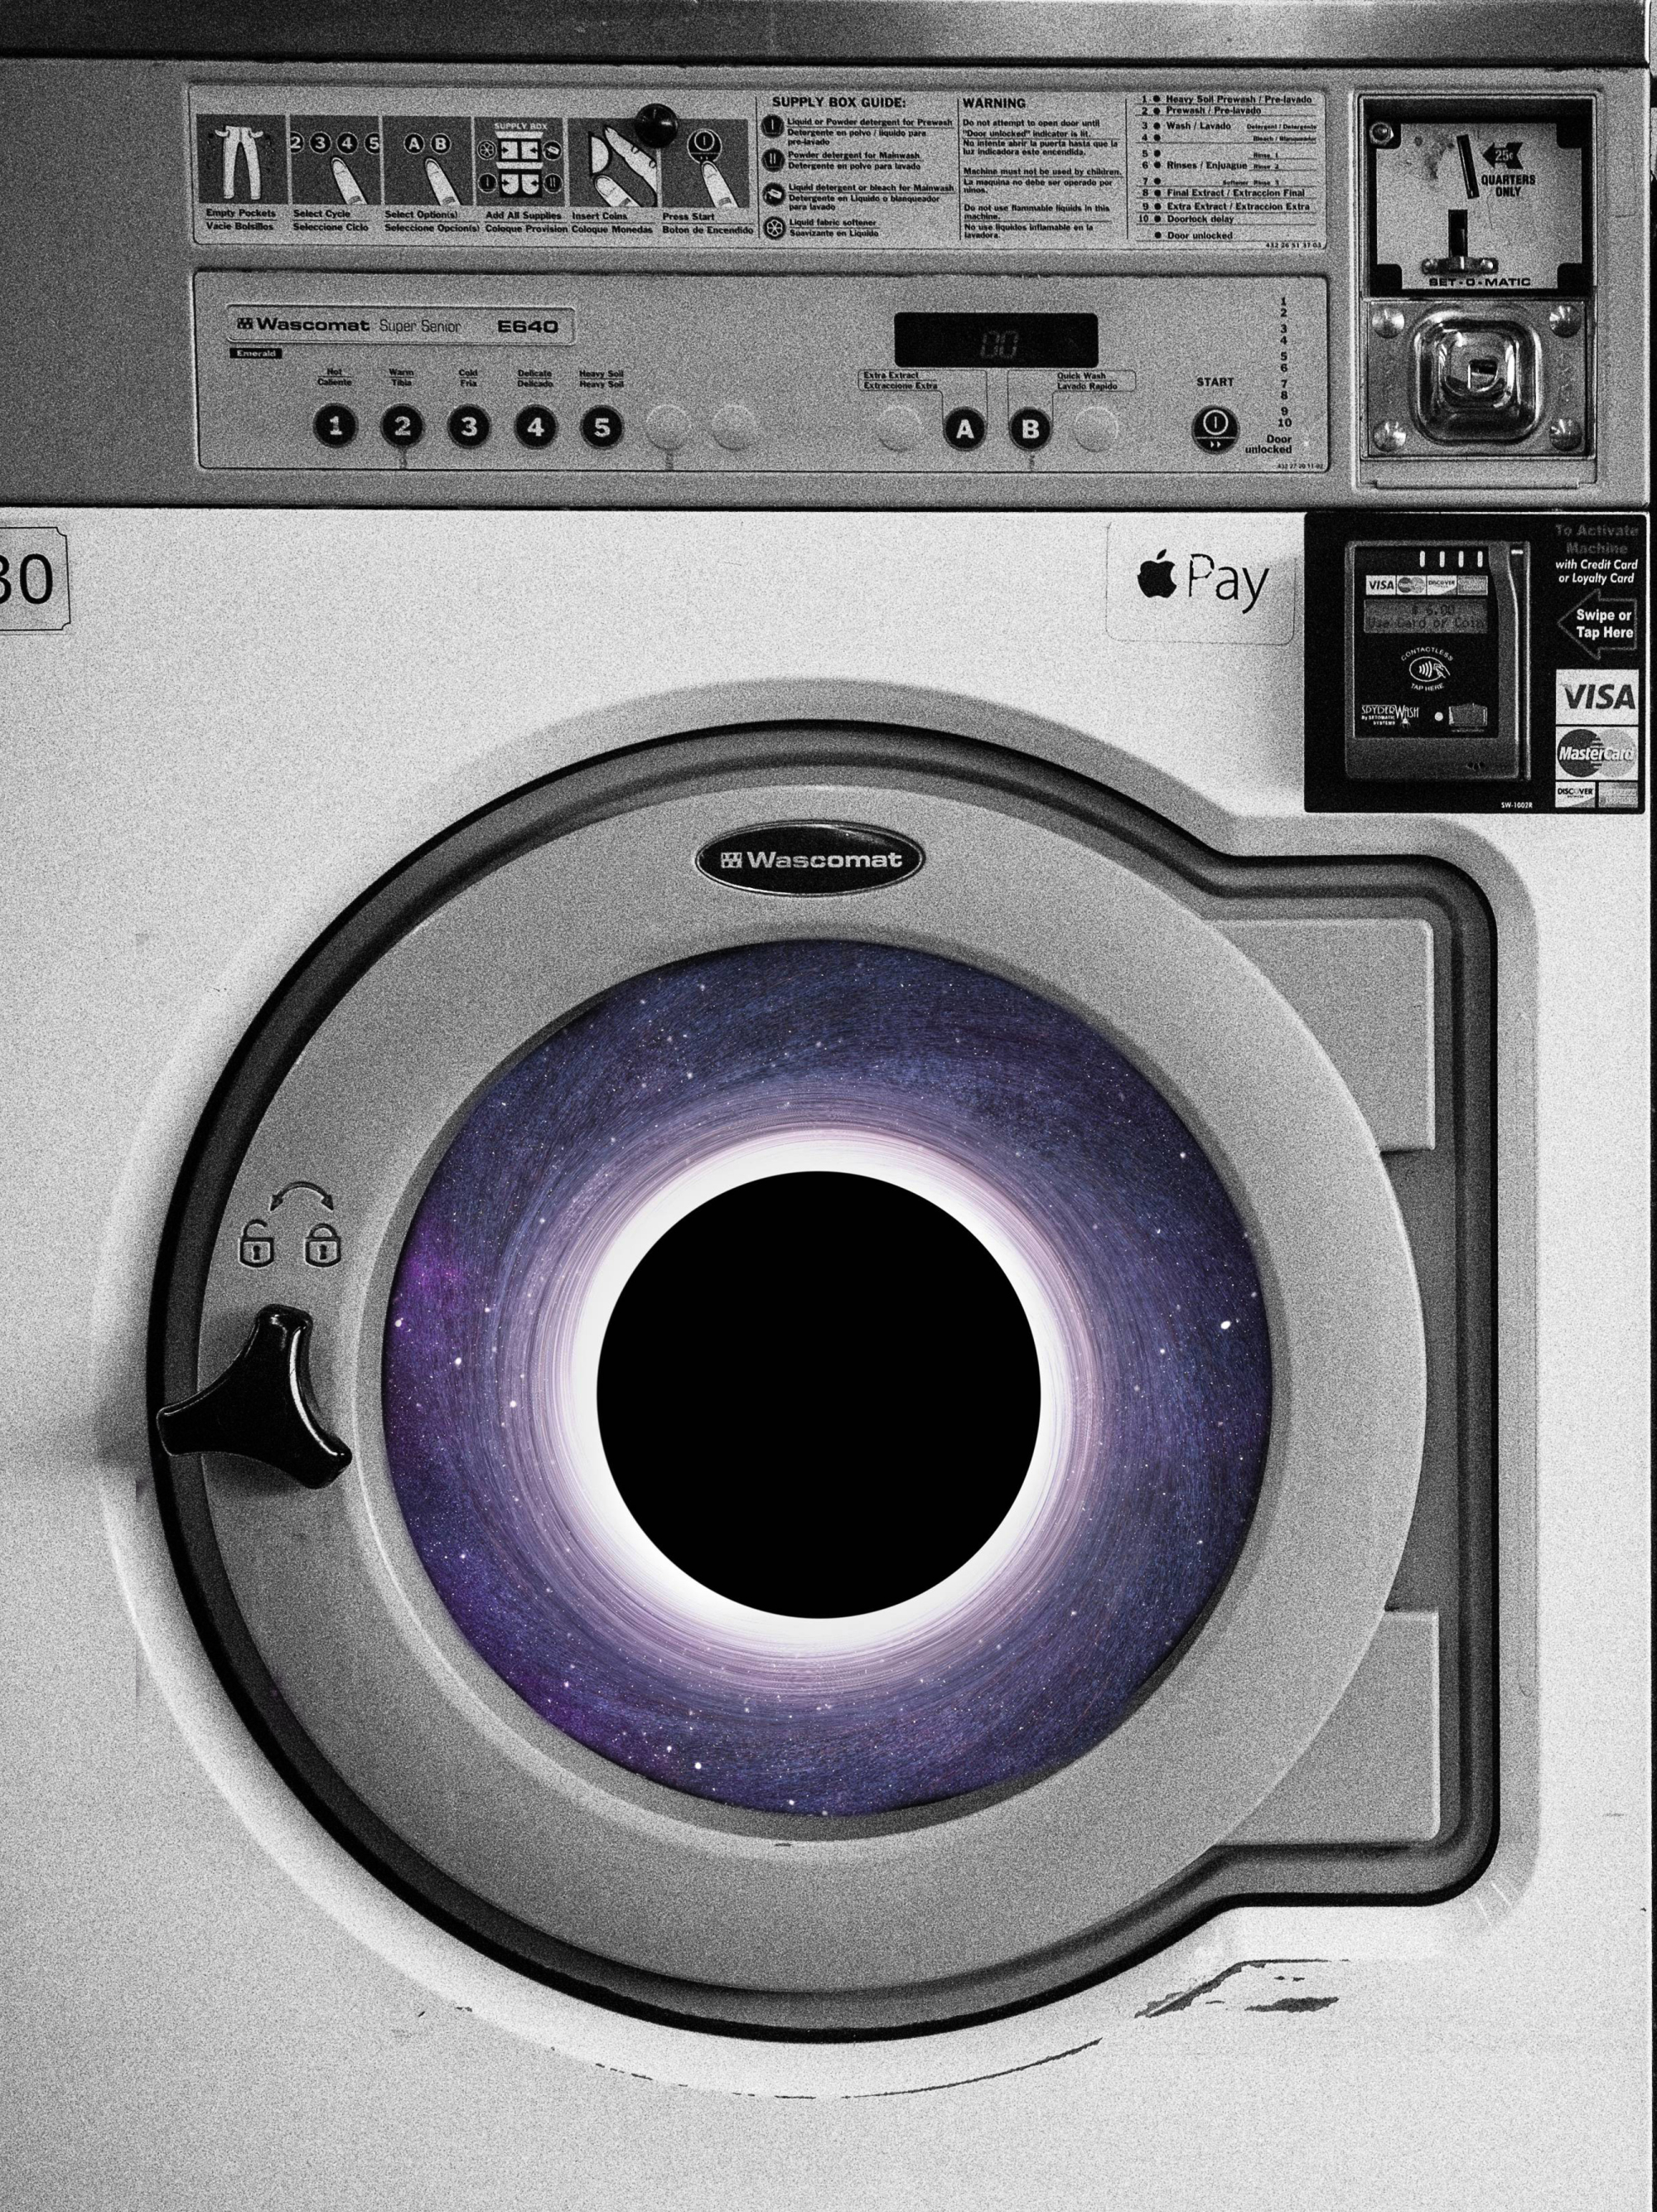 black hole + washing machine